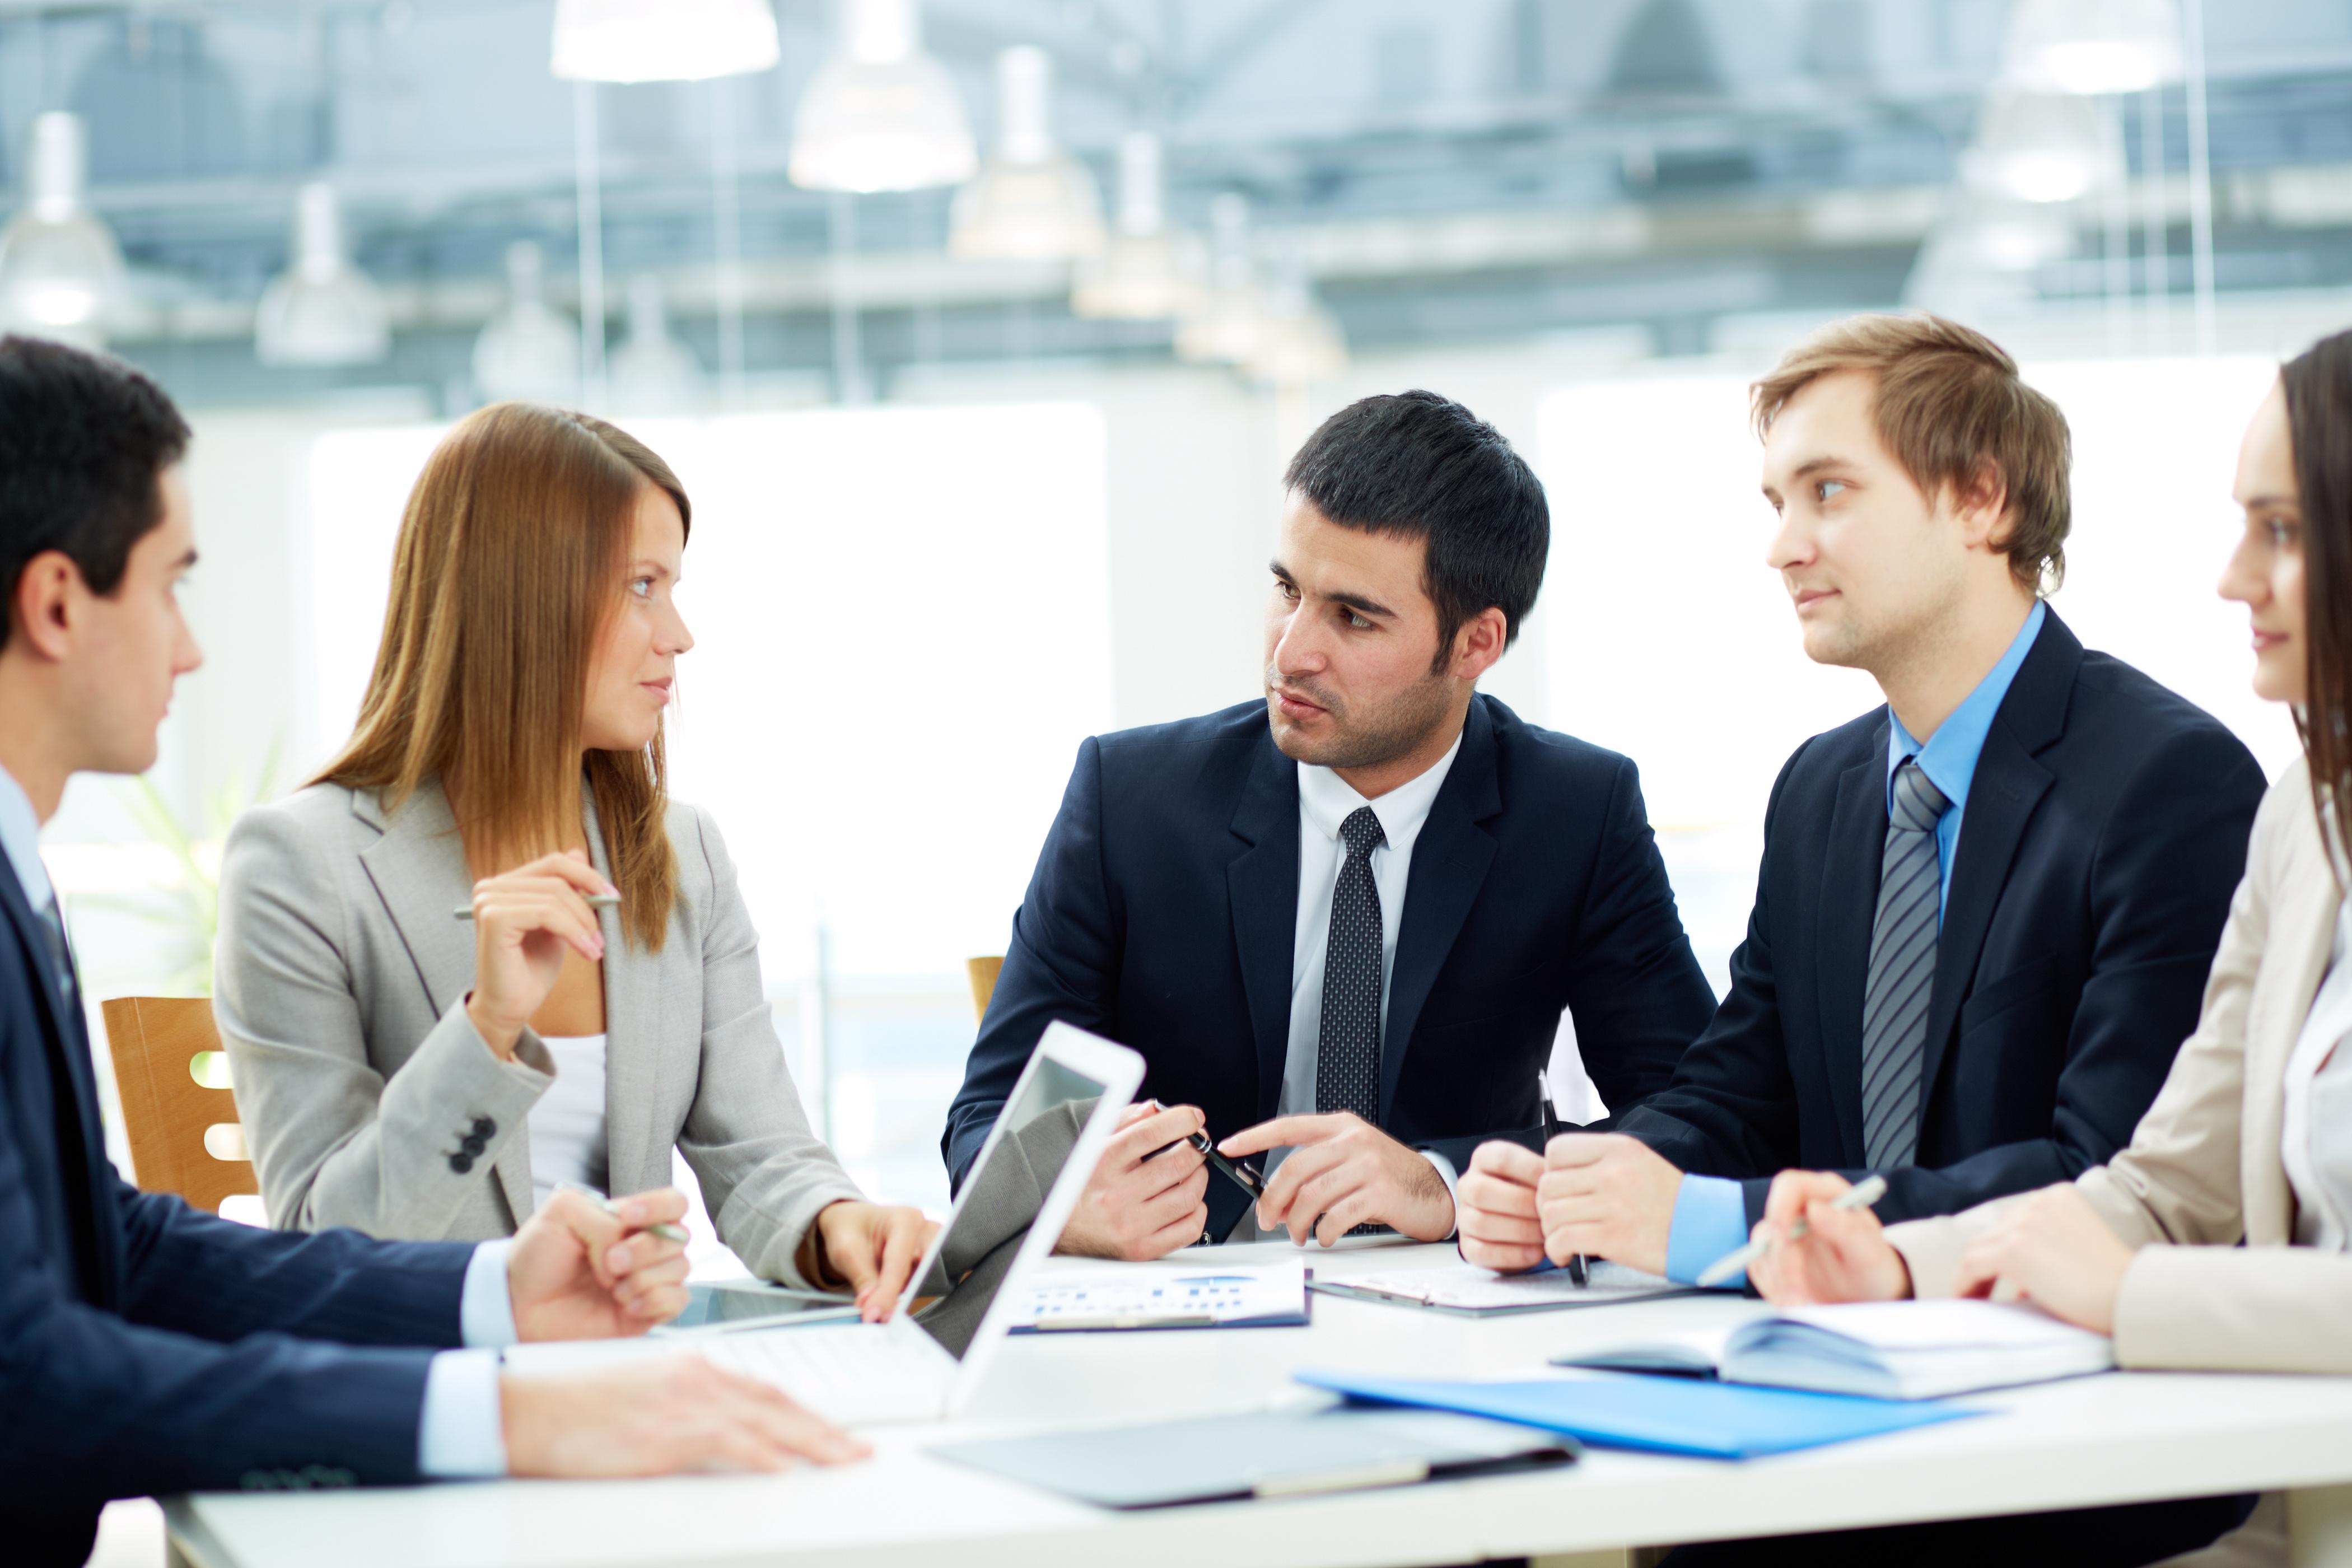 Choisissez le cabinet Hervé Miniou Conseil Comptabilité pour vous accompagner tout au long de la durée de vie de votre entreprise.